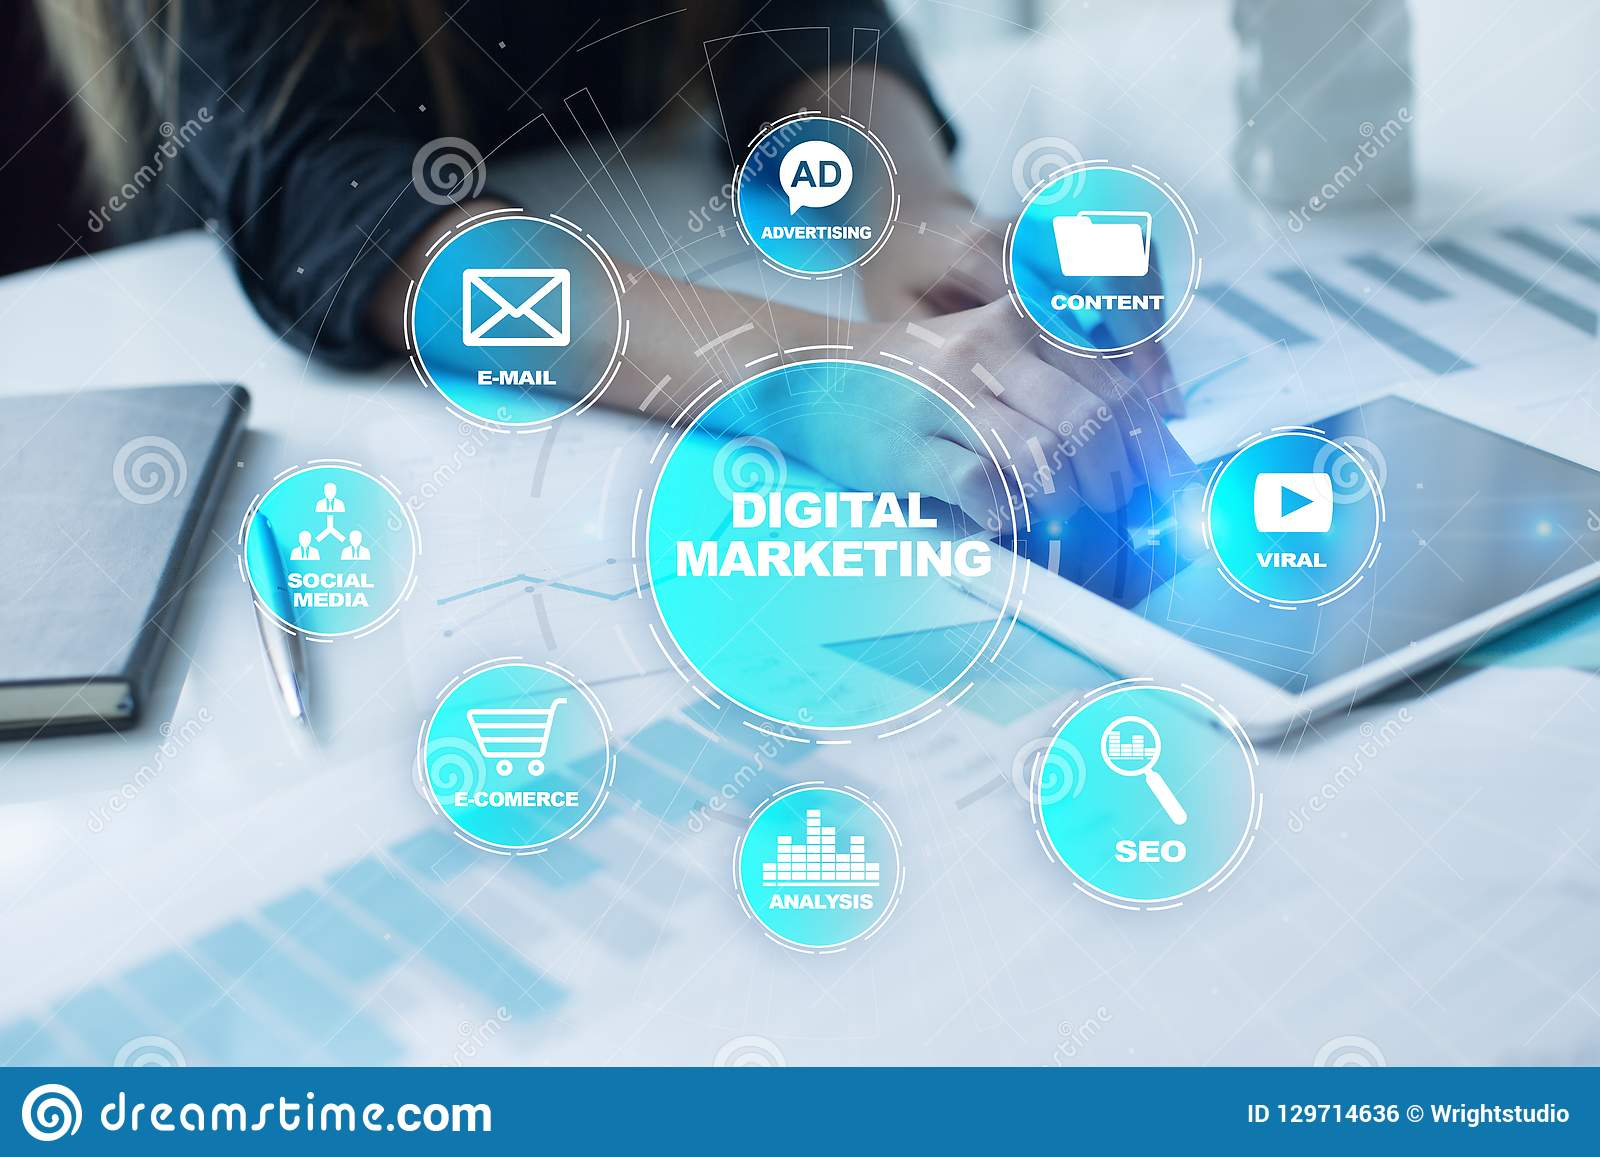 Ψηφιακή έννοια τεχνολογίας μάρκετινγκ Διαδίκτυο On-line Βελτιστοποίηση μηχανών αναζήτησης SEO SMM τηλεοπτική διαφήμιση